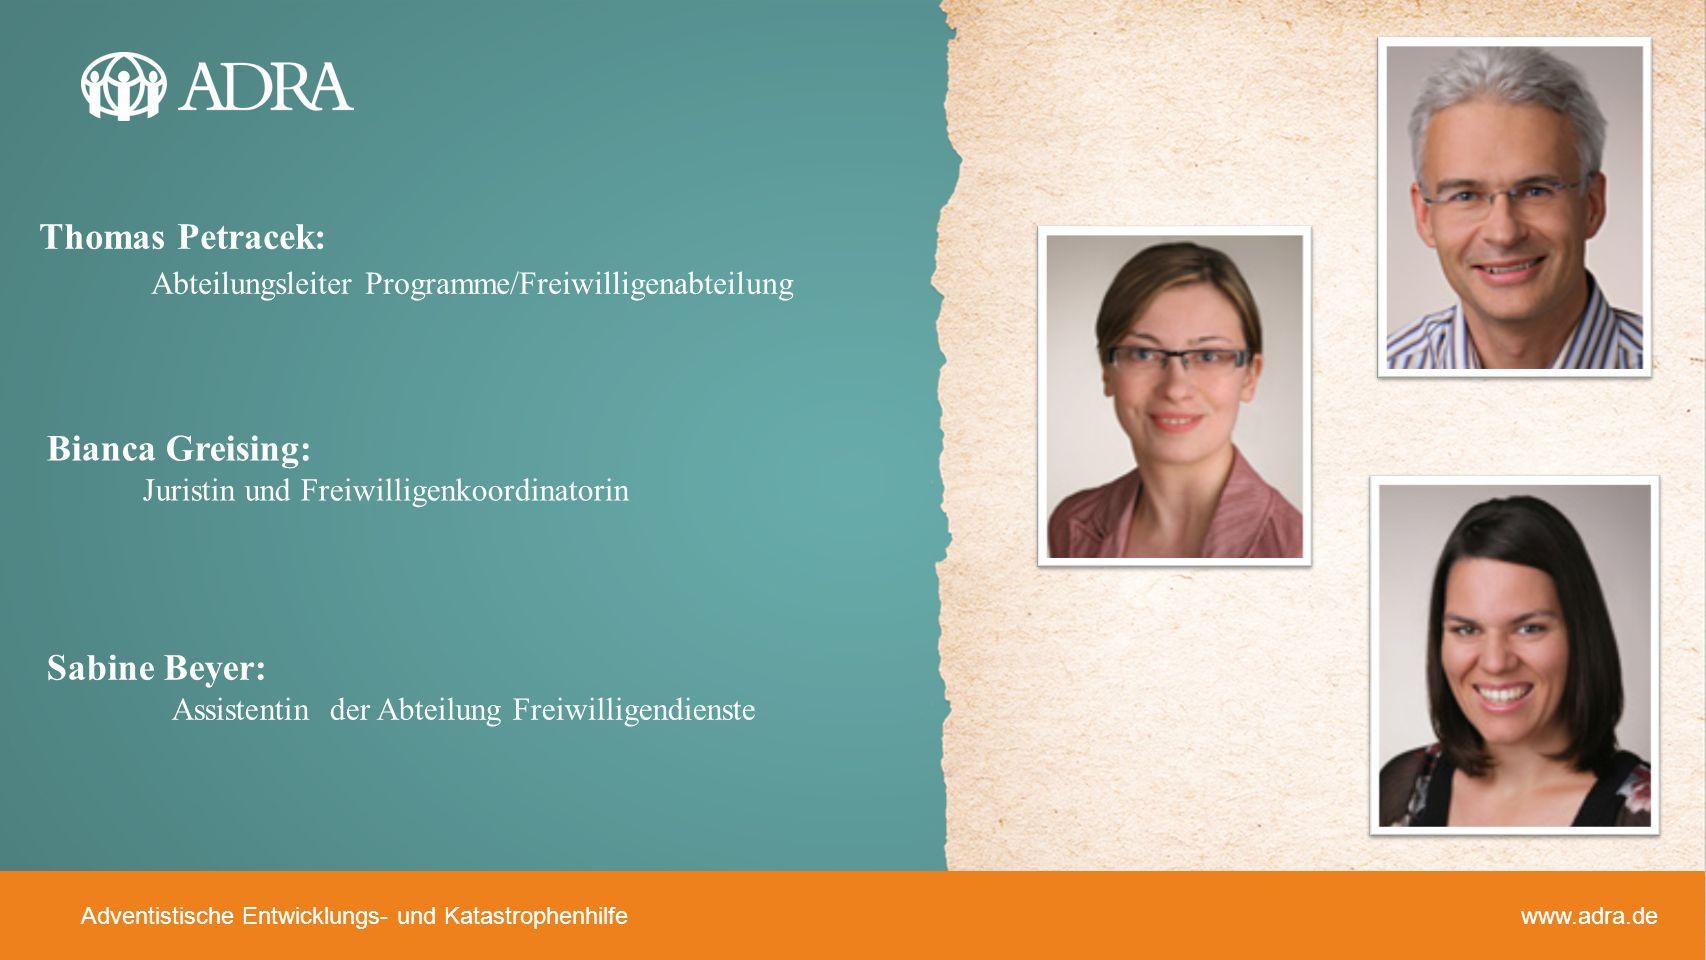 Adventistische Entwicklungs- und Katastrophenhilfe www.adra.de Thomas Petracek: Abteilungsleiter Programme/Freiwilligenabteilung Bianca Greising: Juri